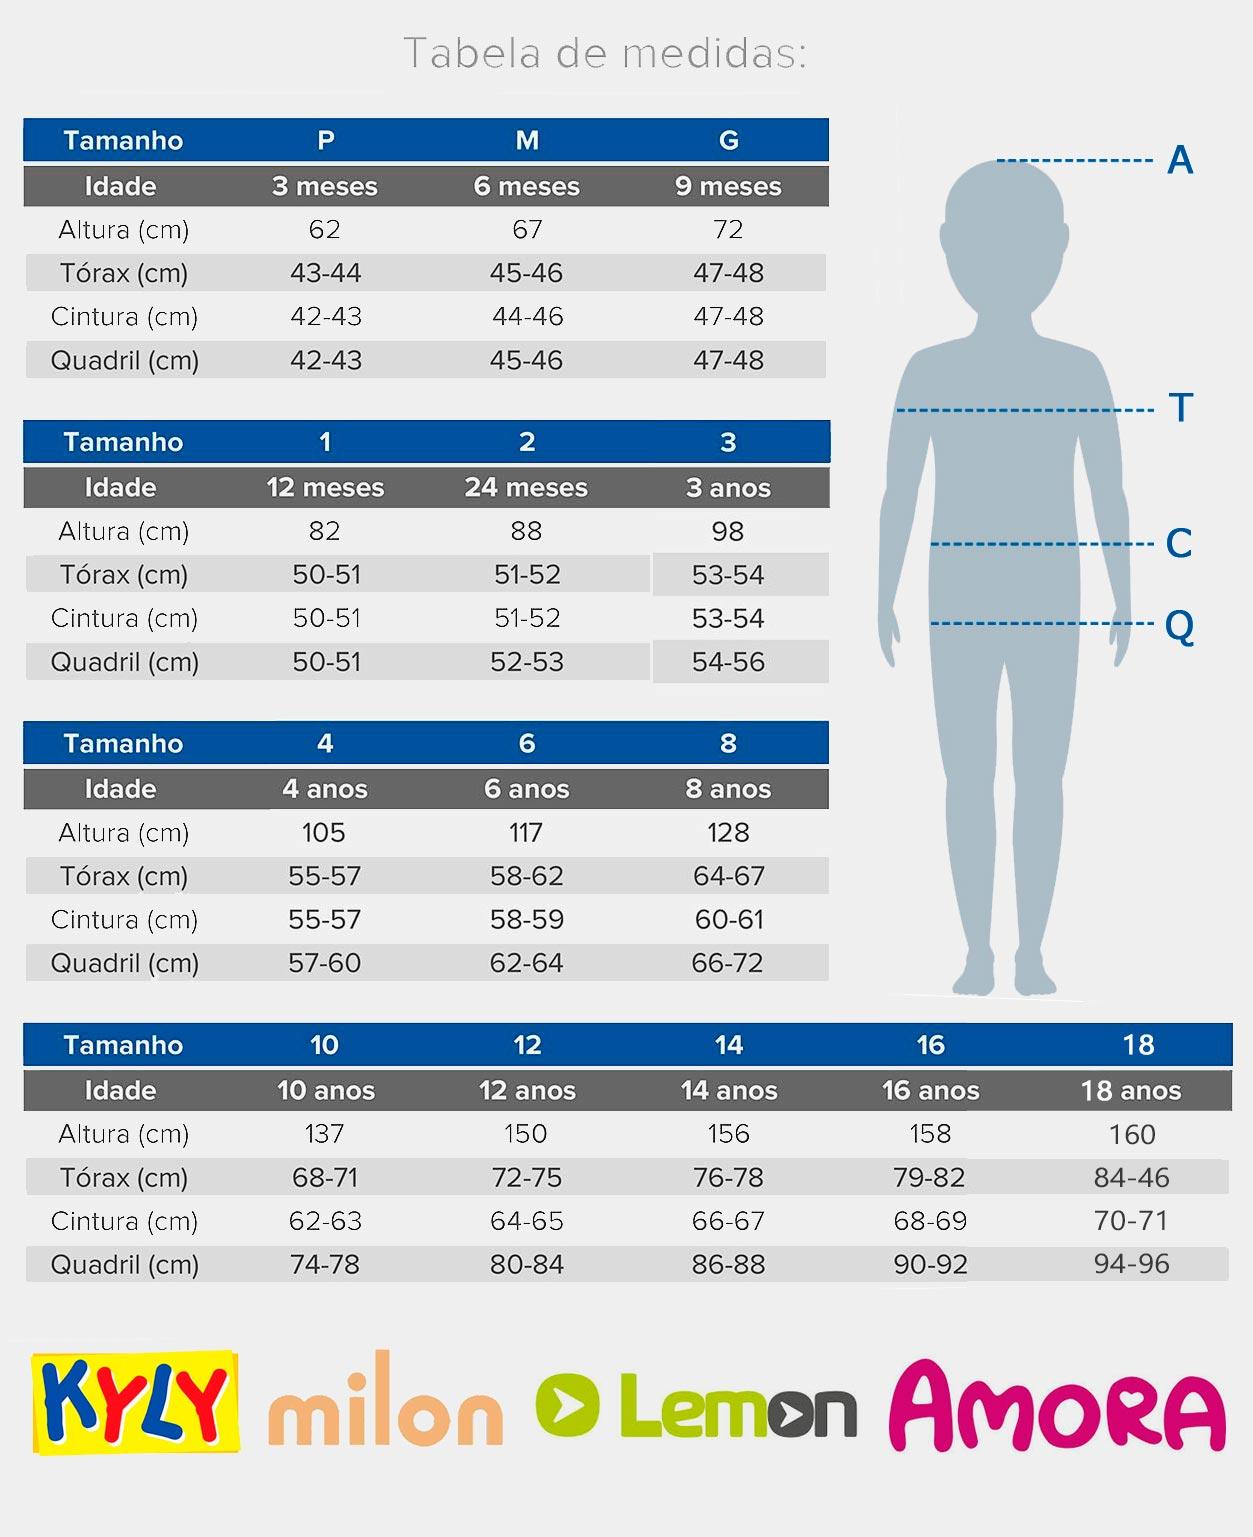 Pijama Infantil Masculino Cinza que Brilha no Escuro Inverno Kyly: Tabela de medidas